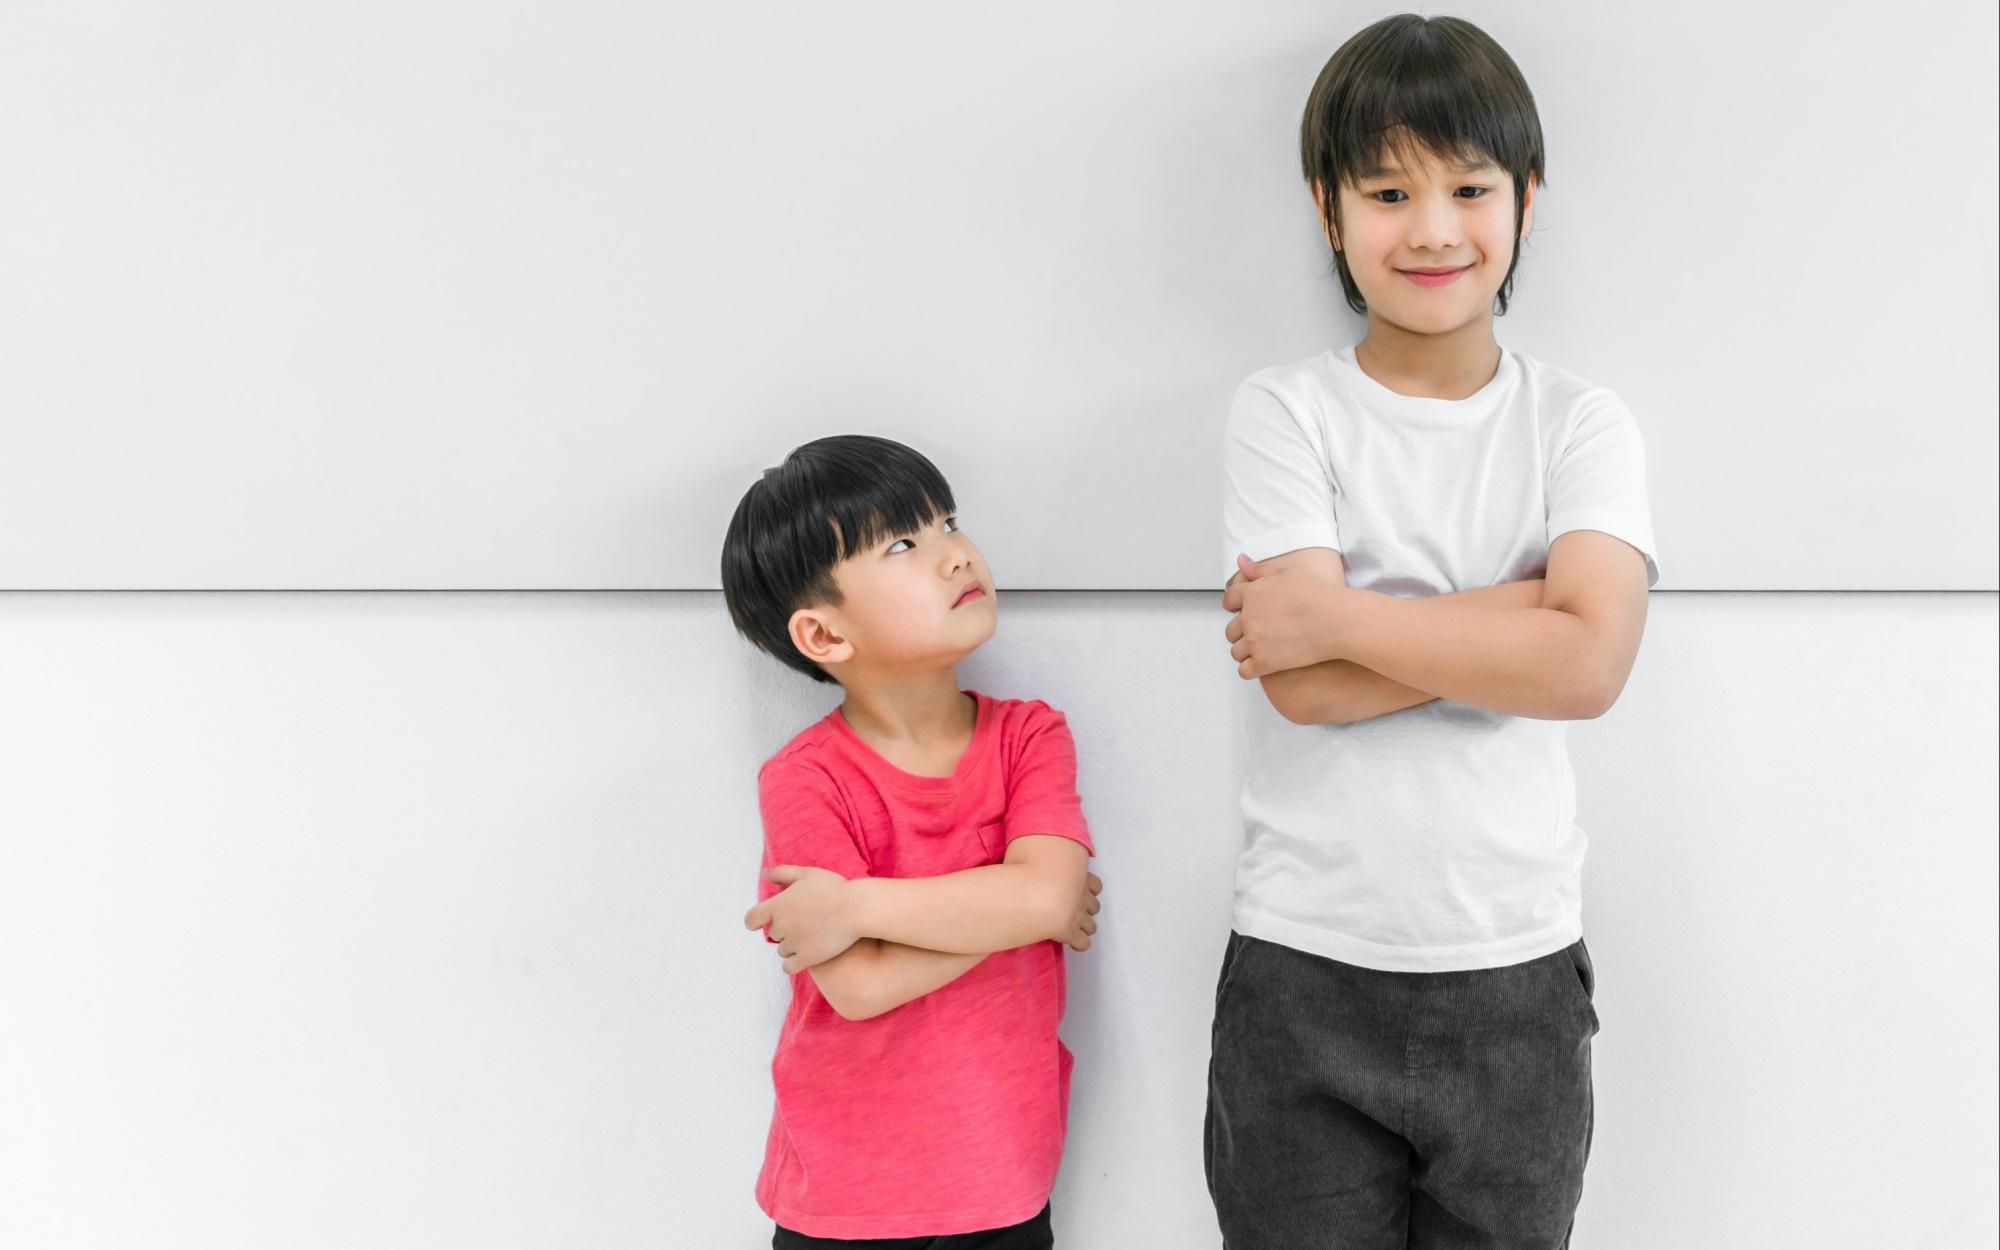 Bố mẹ bồi bổ toàn 'sơn hào hải vị', nhưng con 6 tuổi vẫn thấp bé như mới lên 4 vì đã mắc phải sai lầm này - Ảnh 1